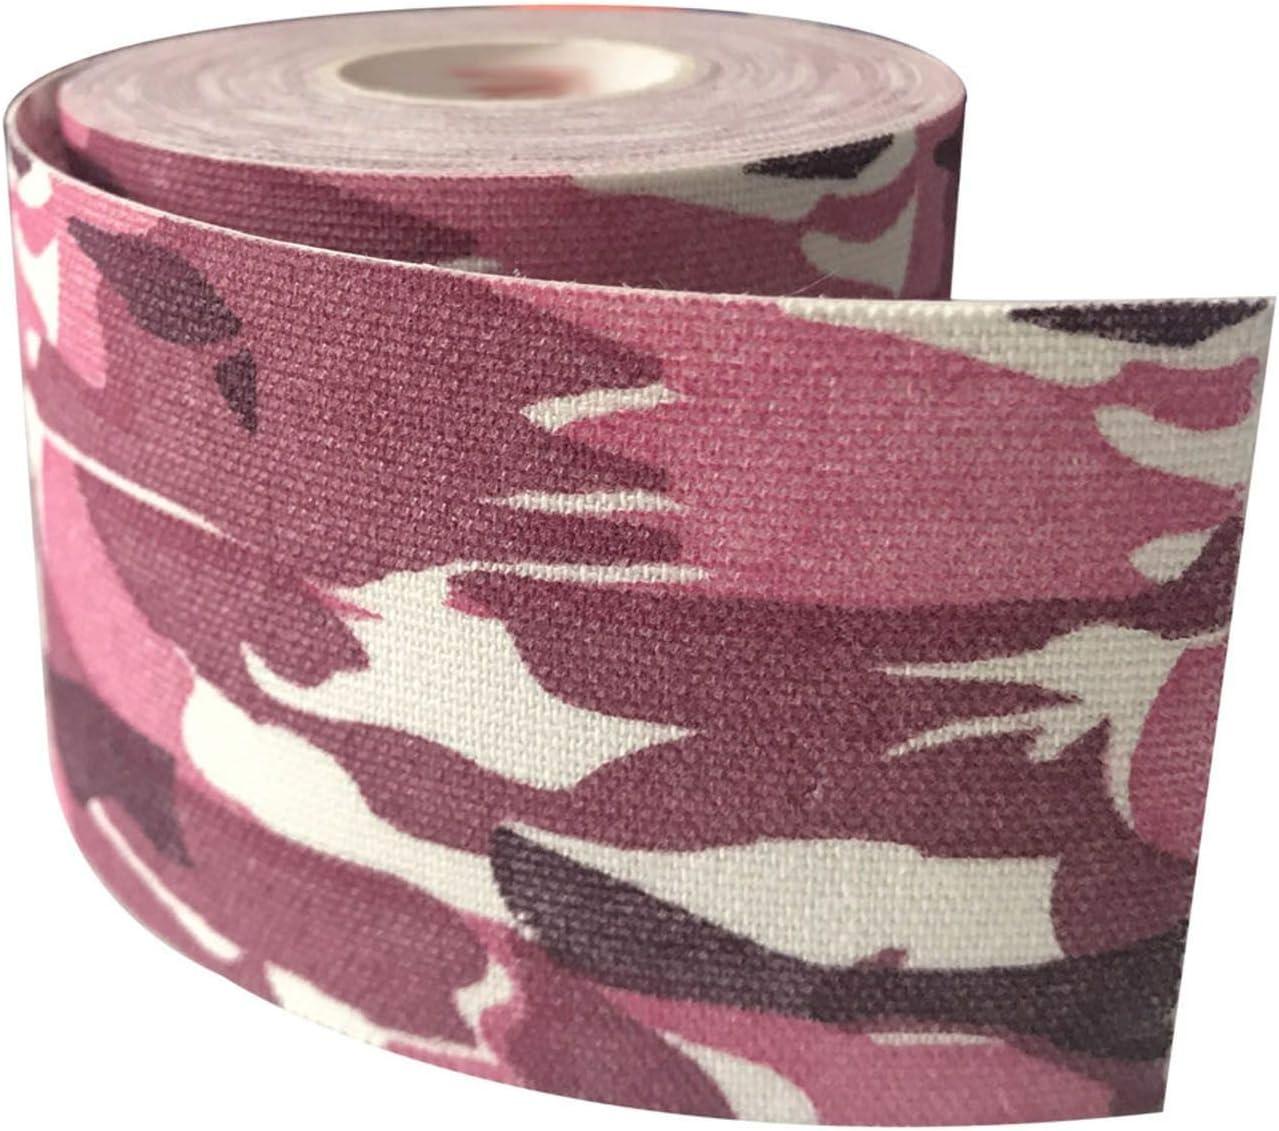 6 rollos de cinta de kinesiología elástica de algodón impermeable para vendaje de rodilla, codo, protector muscular deportivo, ancho de cinta 2,5 – 5 cm: Amazon.es: Salud y cuidado personal